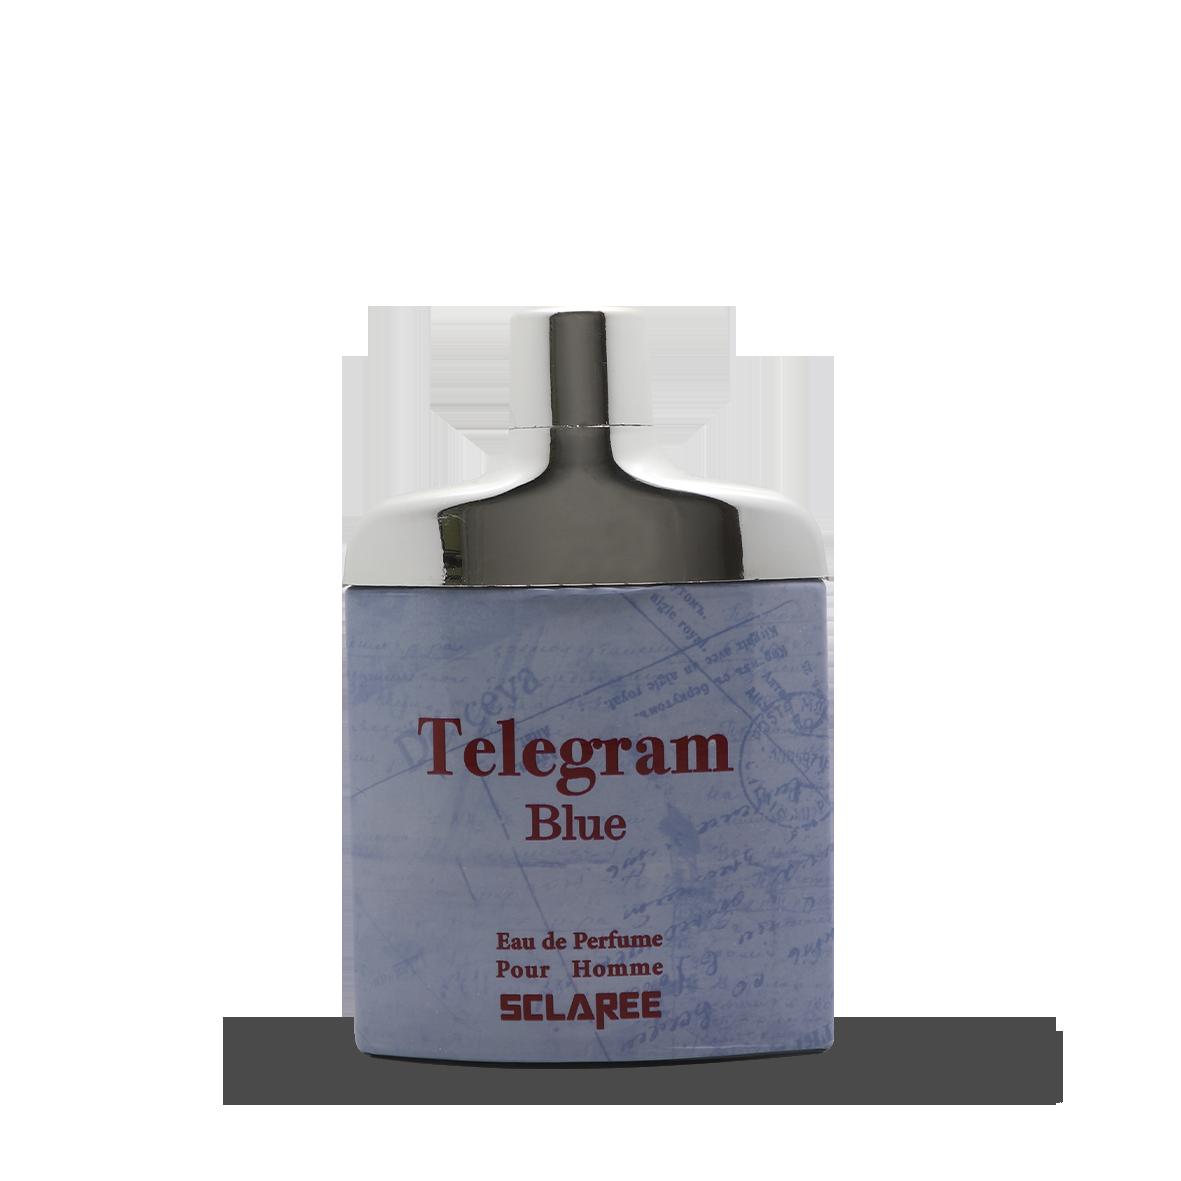 ادکلن ۱۰۰میل تلگرام بلو اسکلاره با رایحه دیویدف سیلور شادو